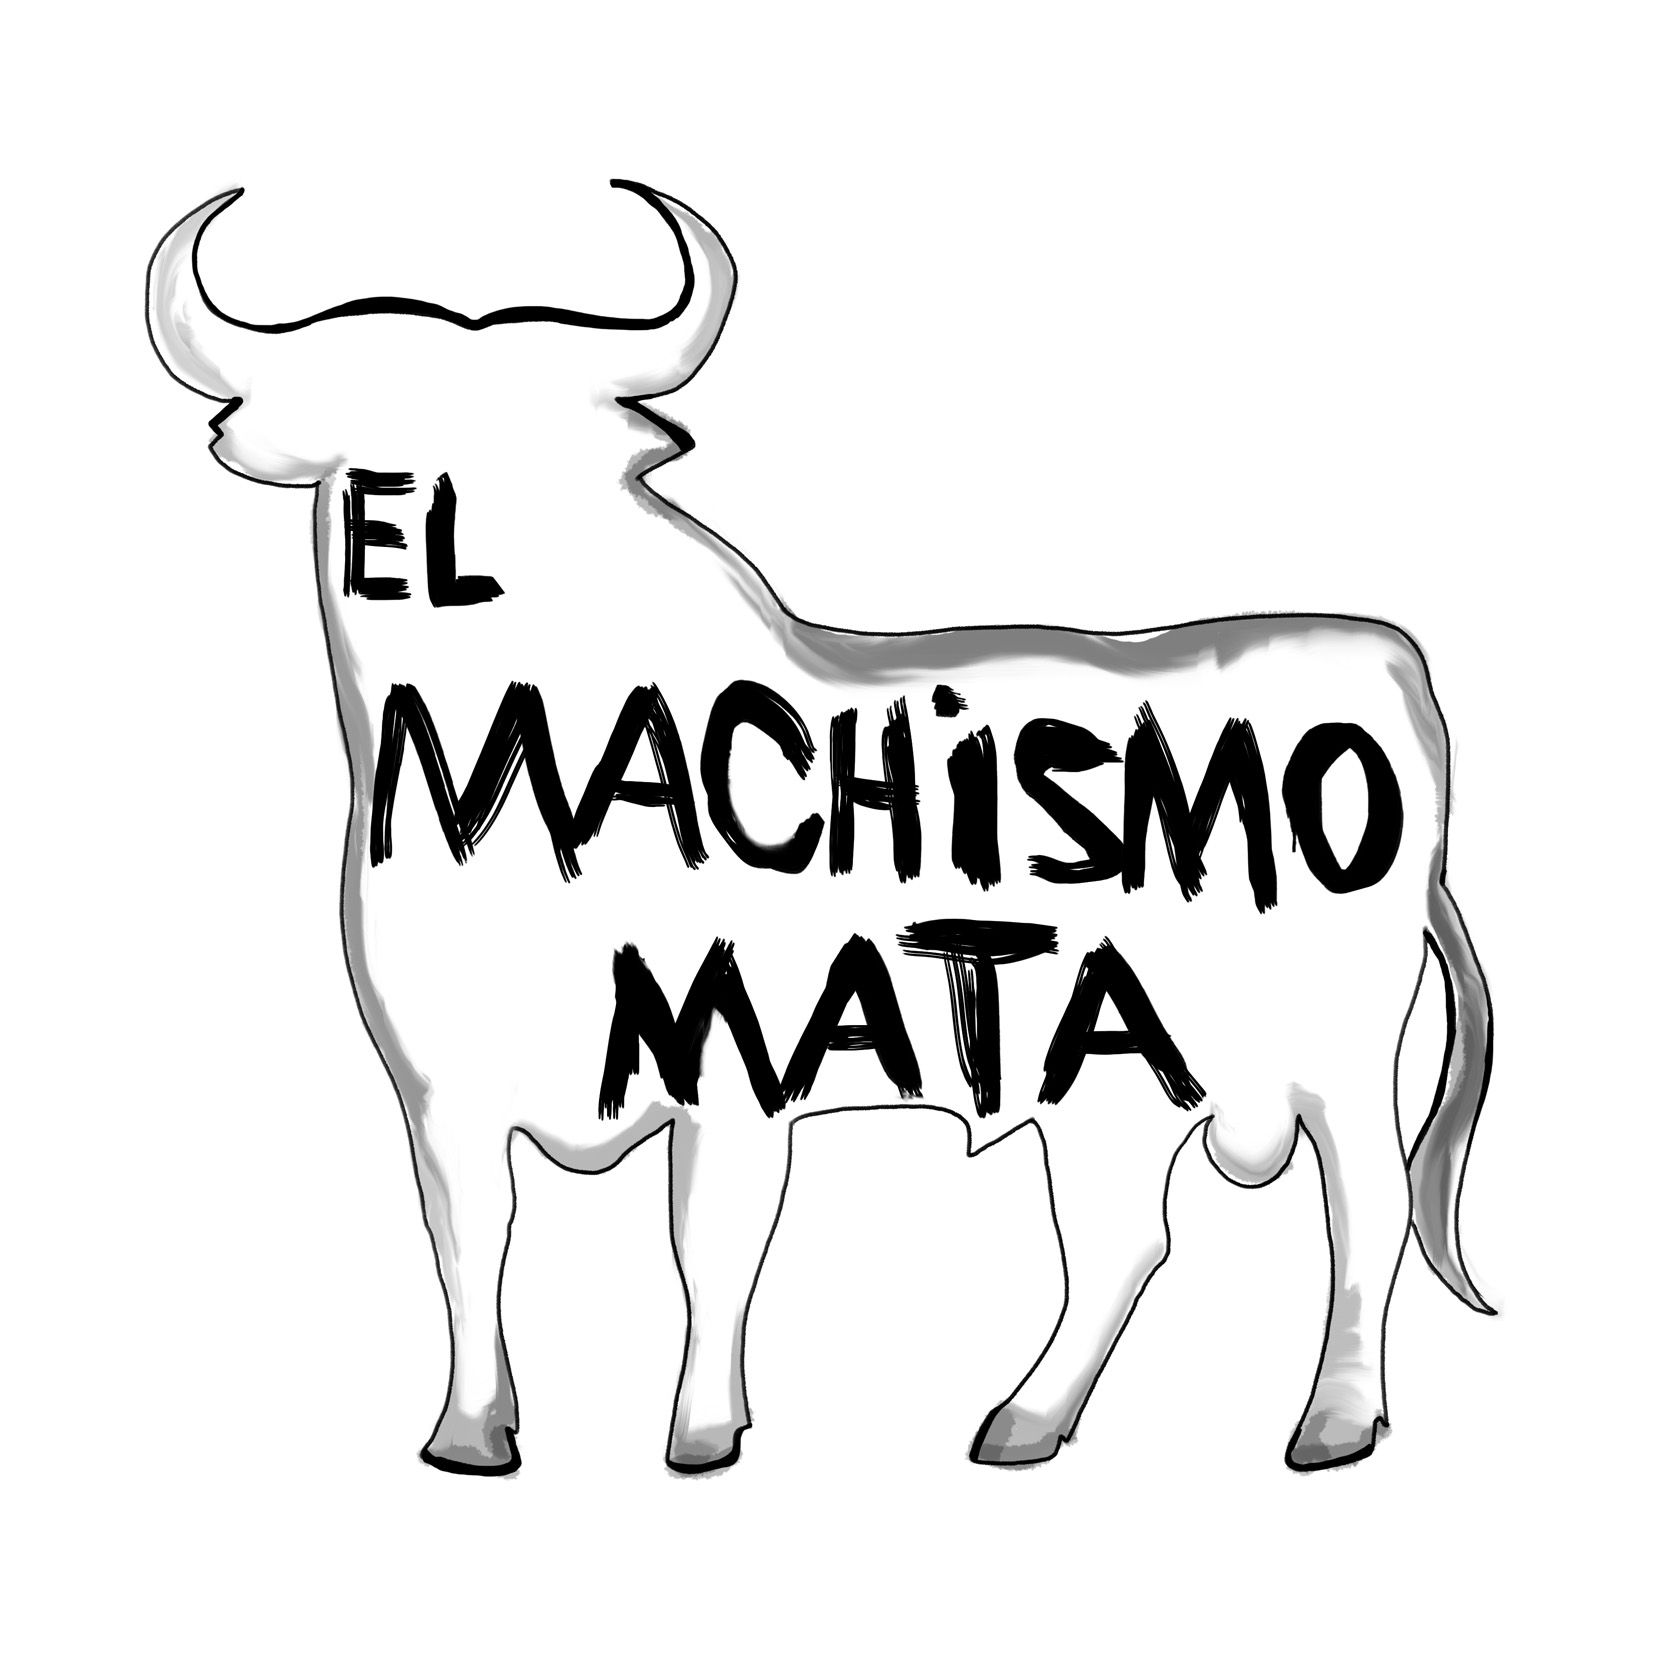 un toro español dibujado a mano con una inscripcion feminista